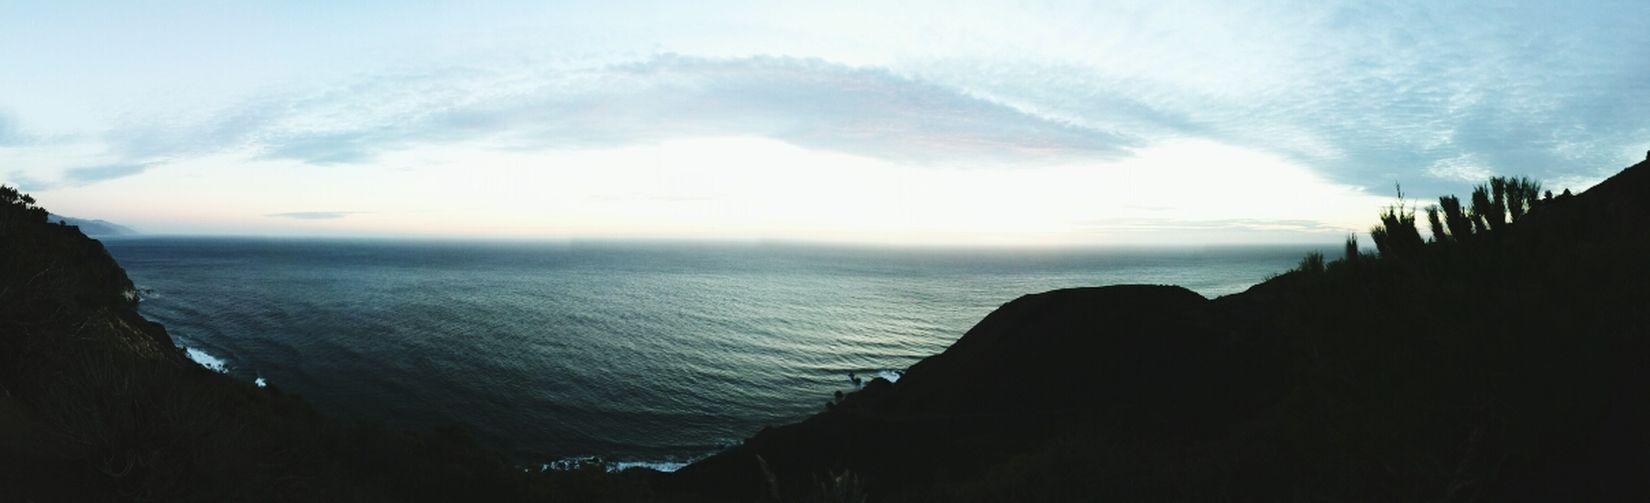 My Sunset spot a couple of days ago. California Bigsur 360 Panorama